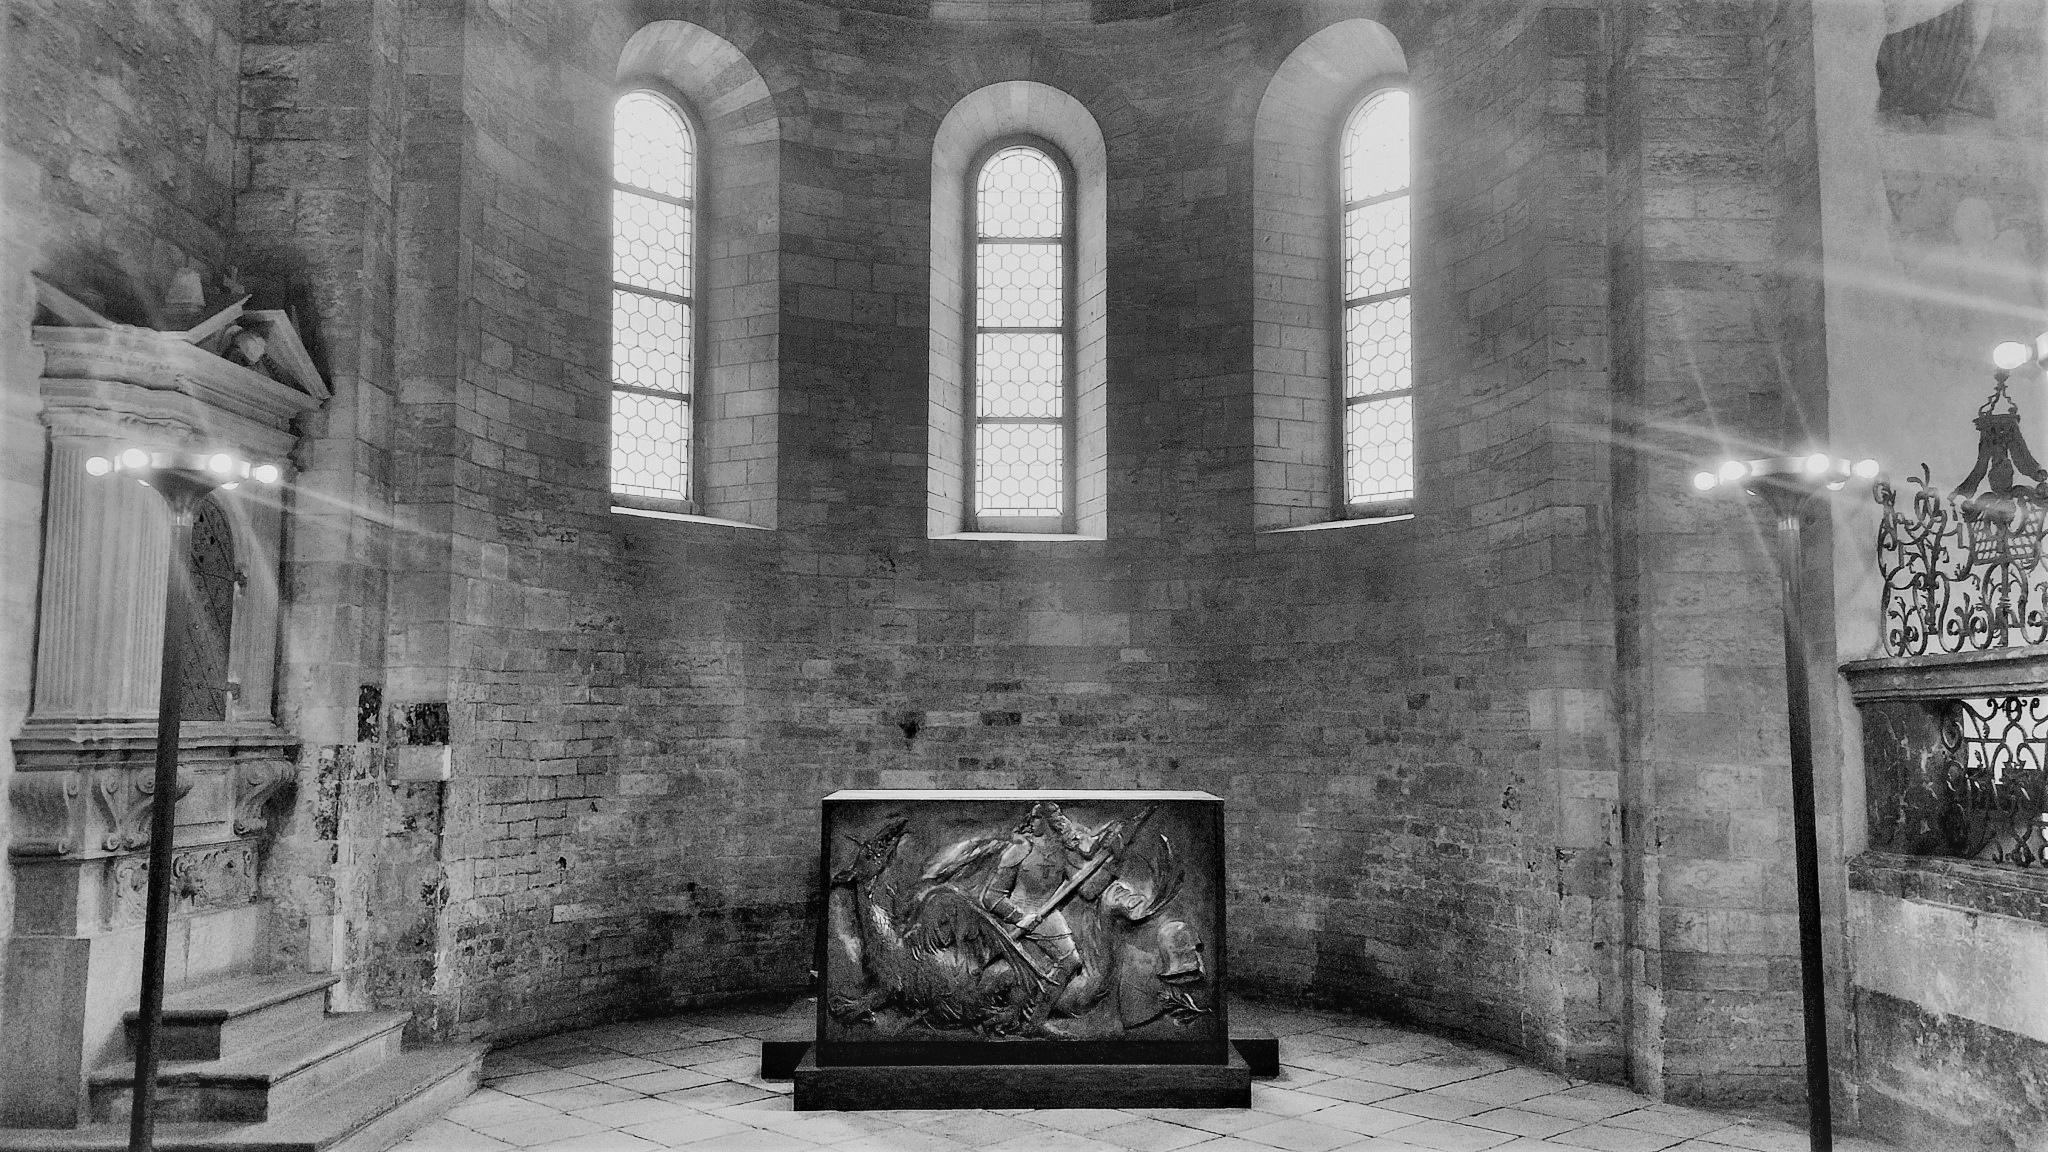 St. Vitus cathedral by Adam Wyciszkiewicz